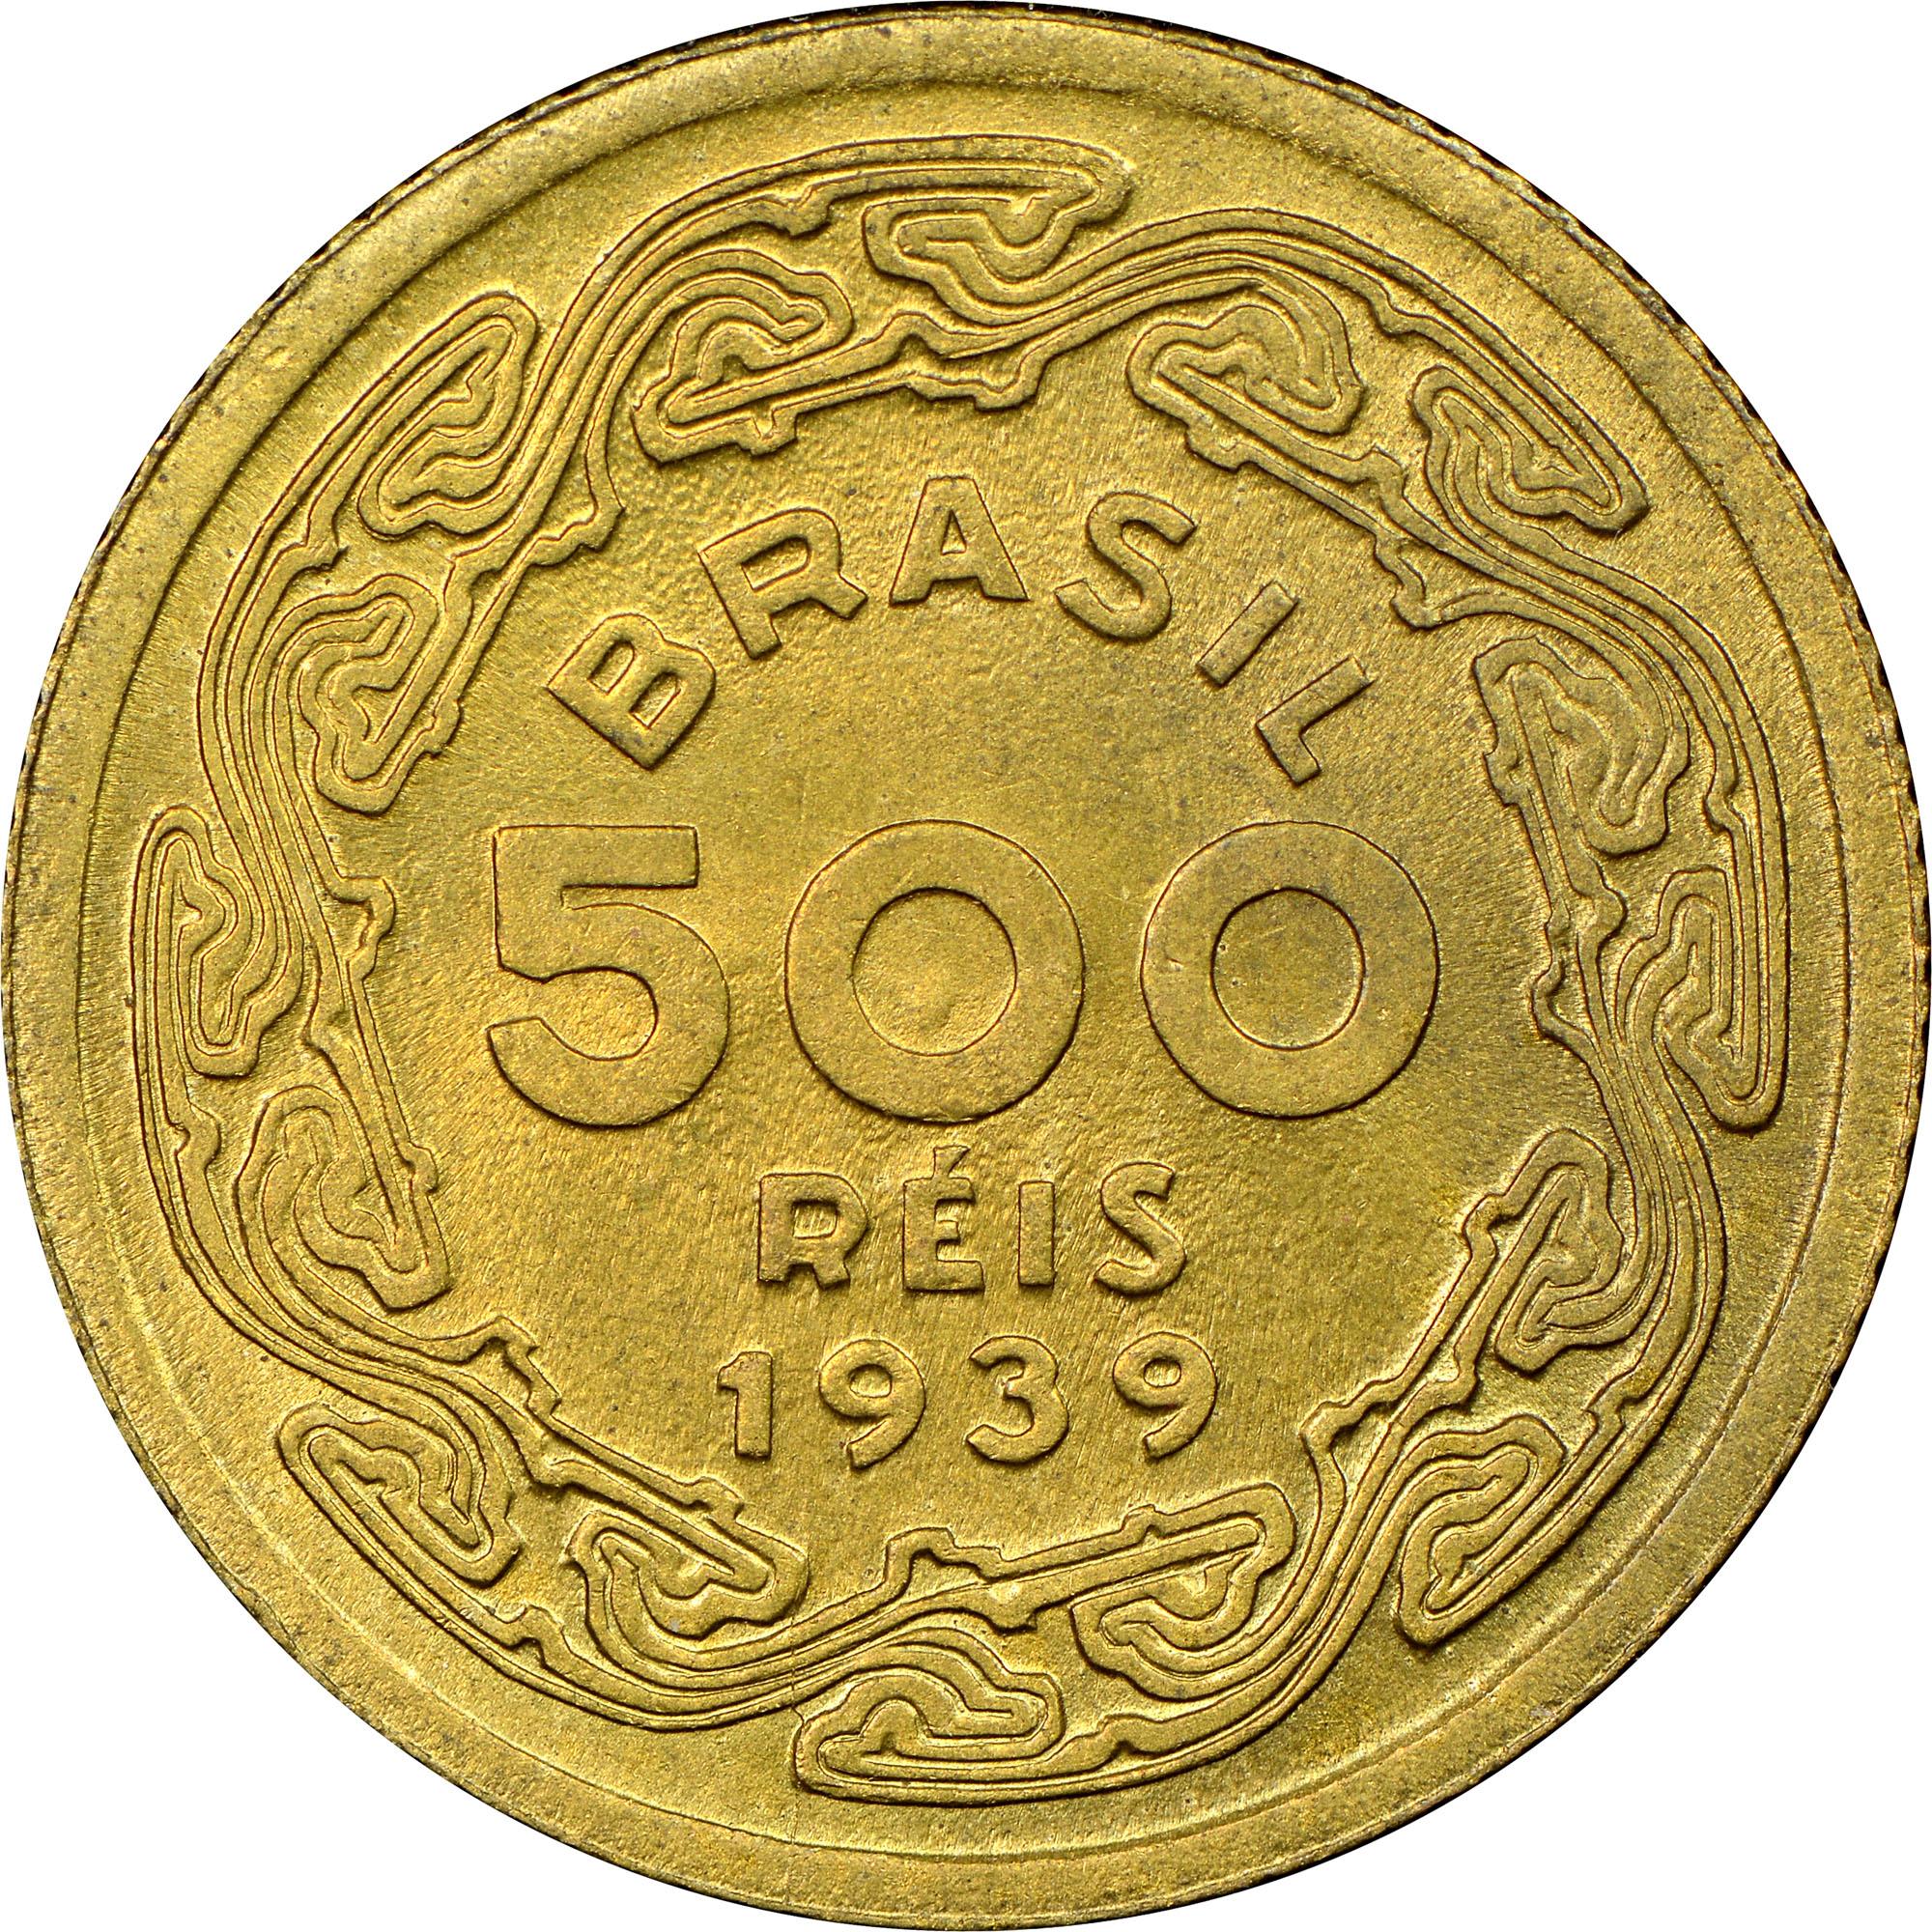 1939 Brazil 500 Reis obverse